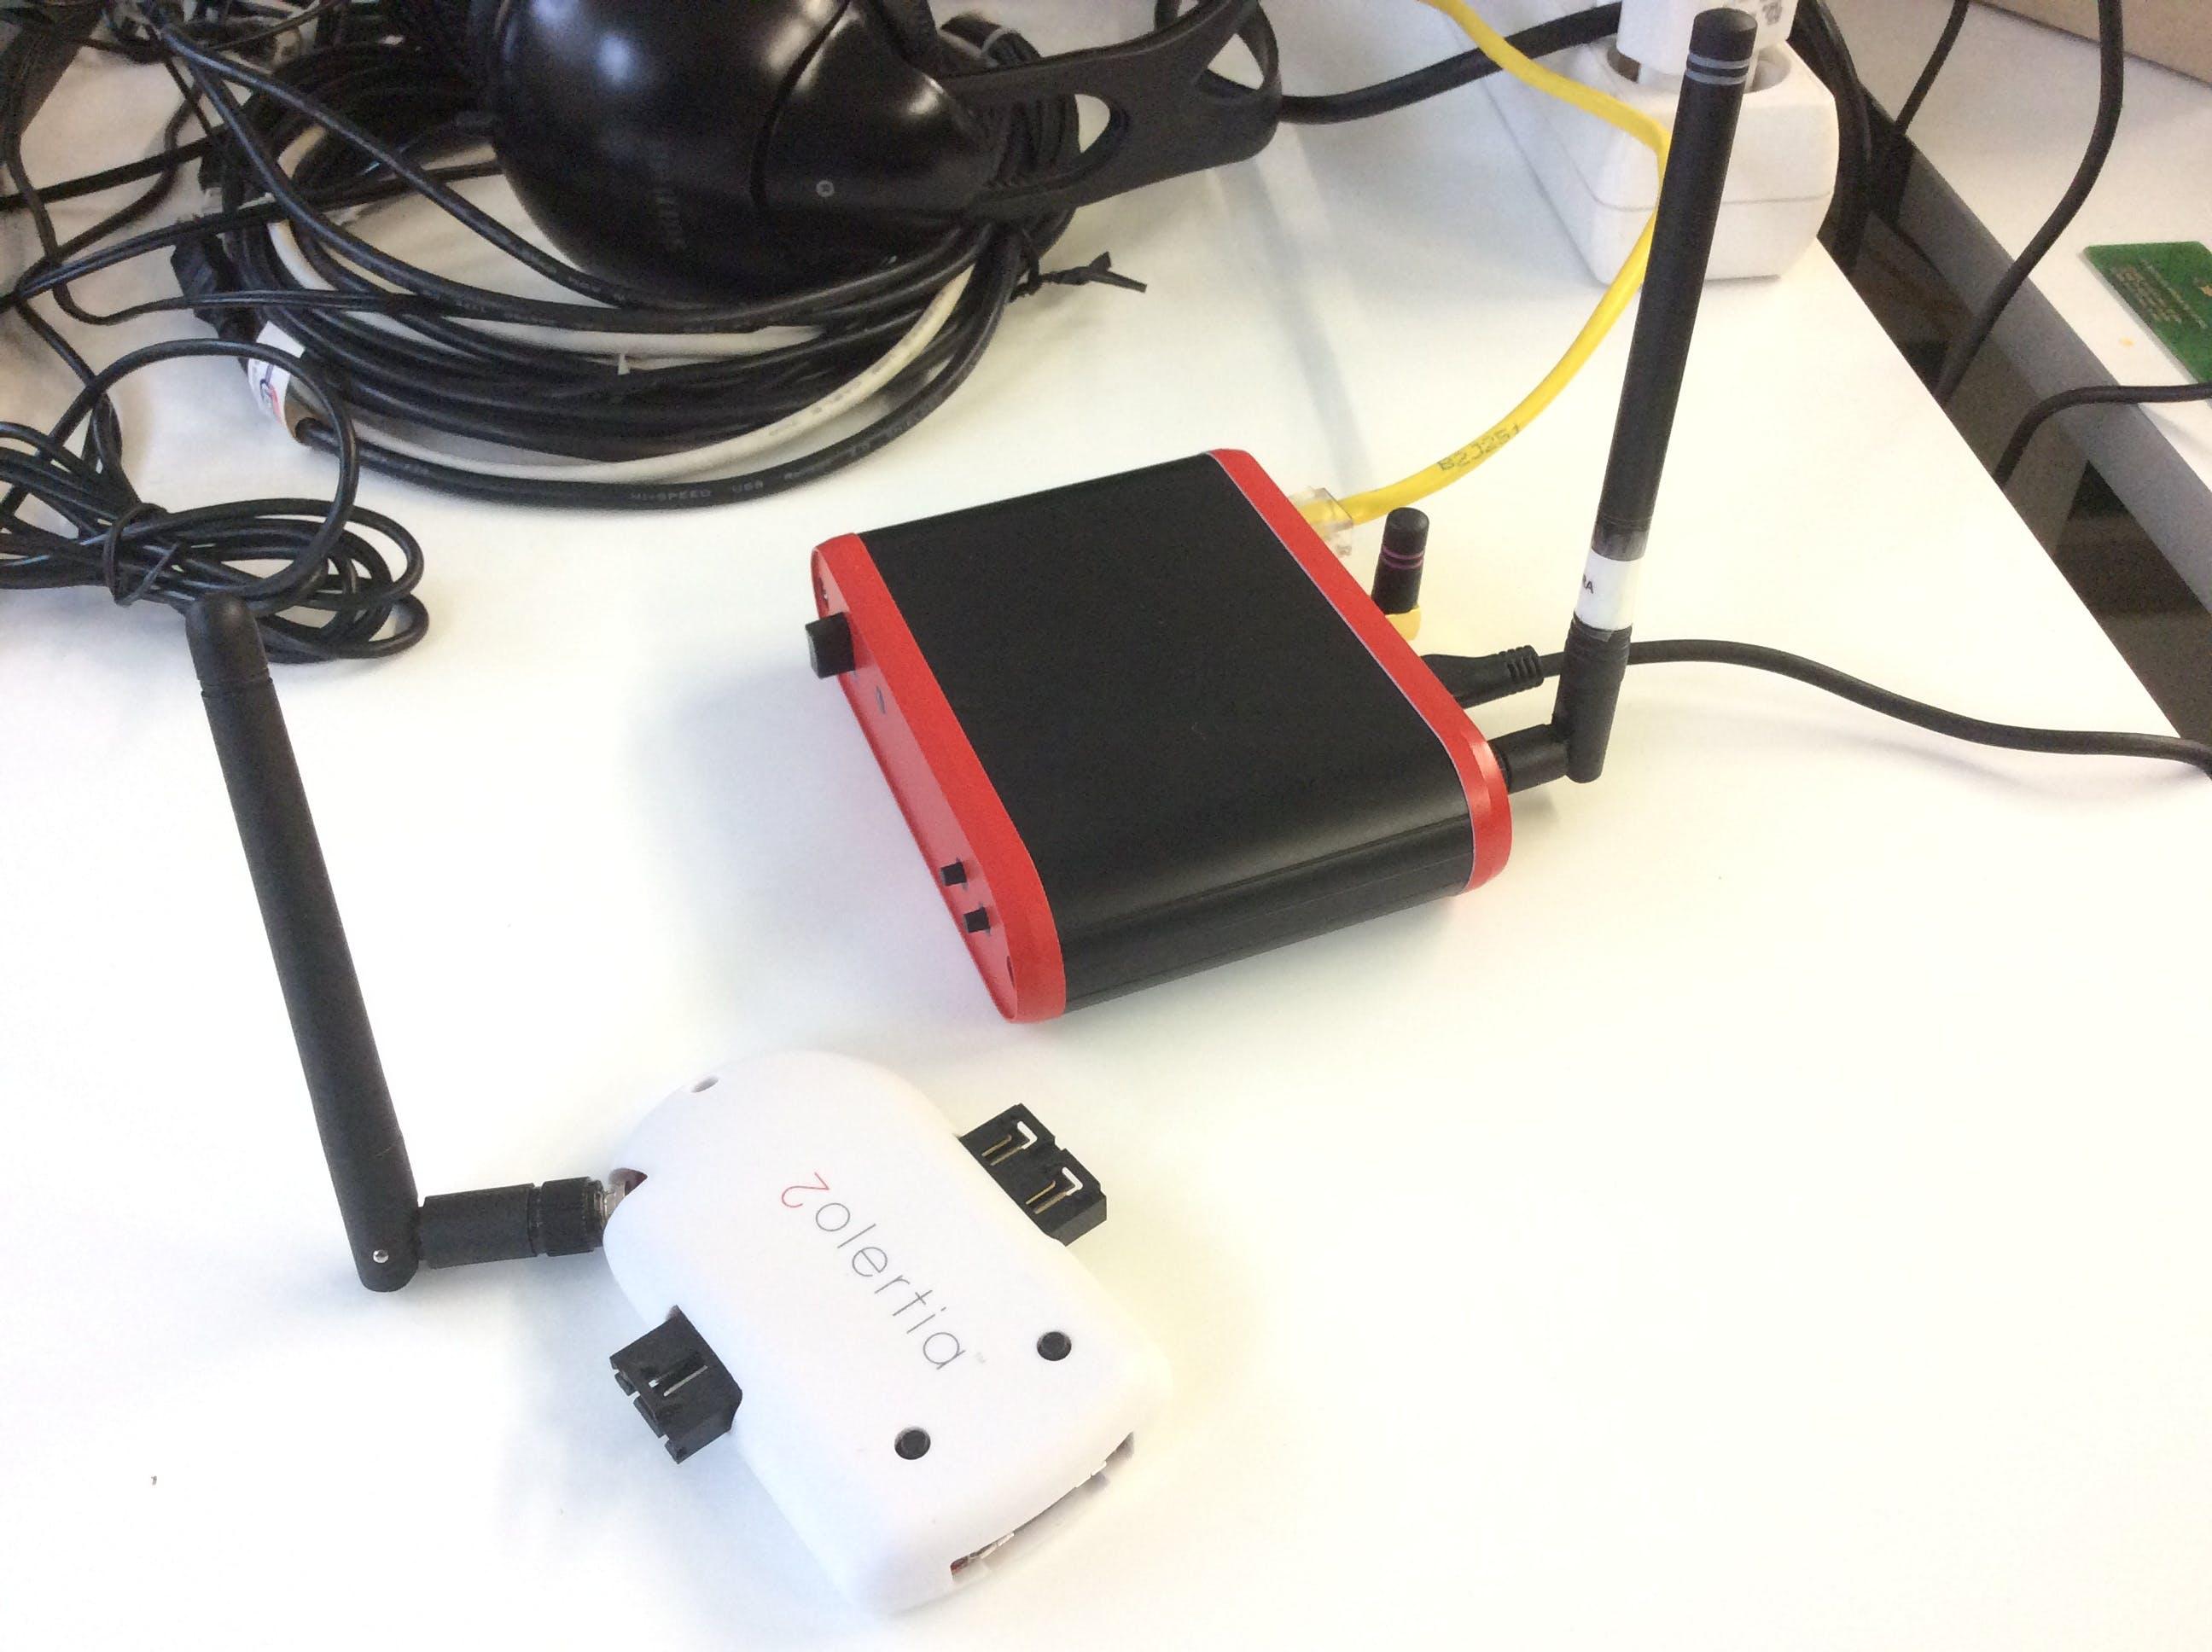 Etherhet IoT Gateway (early prototype still in testing)